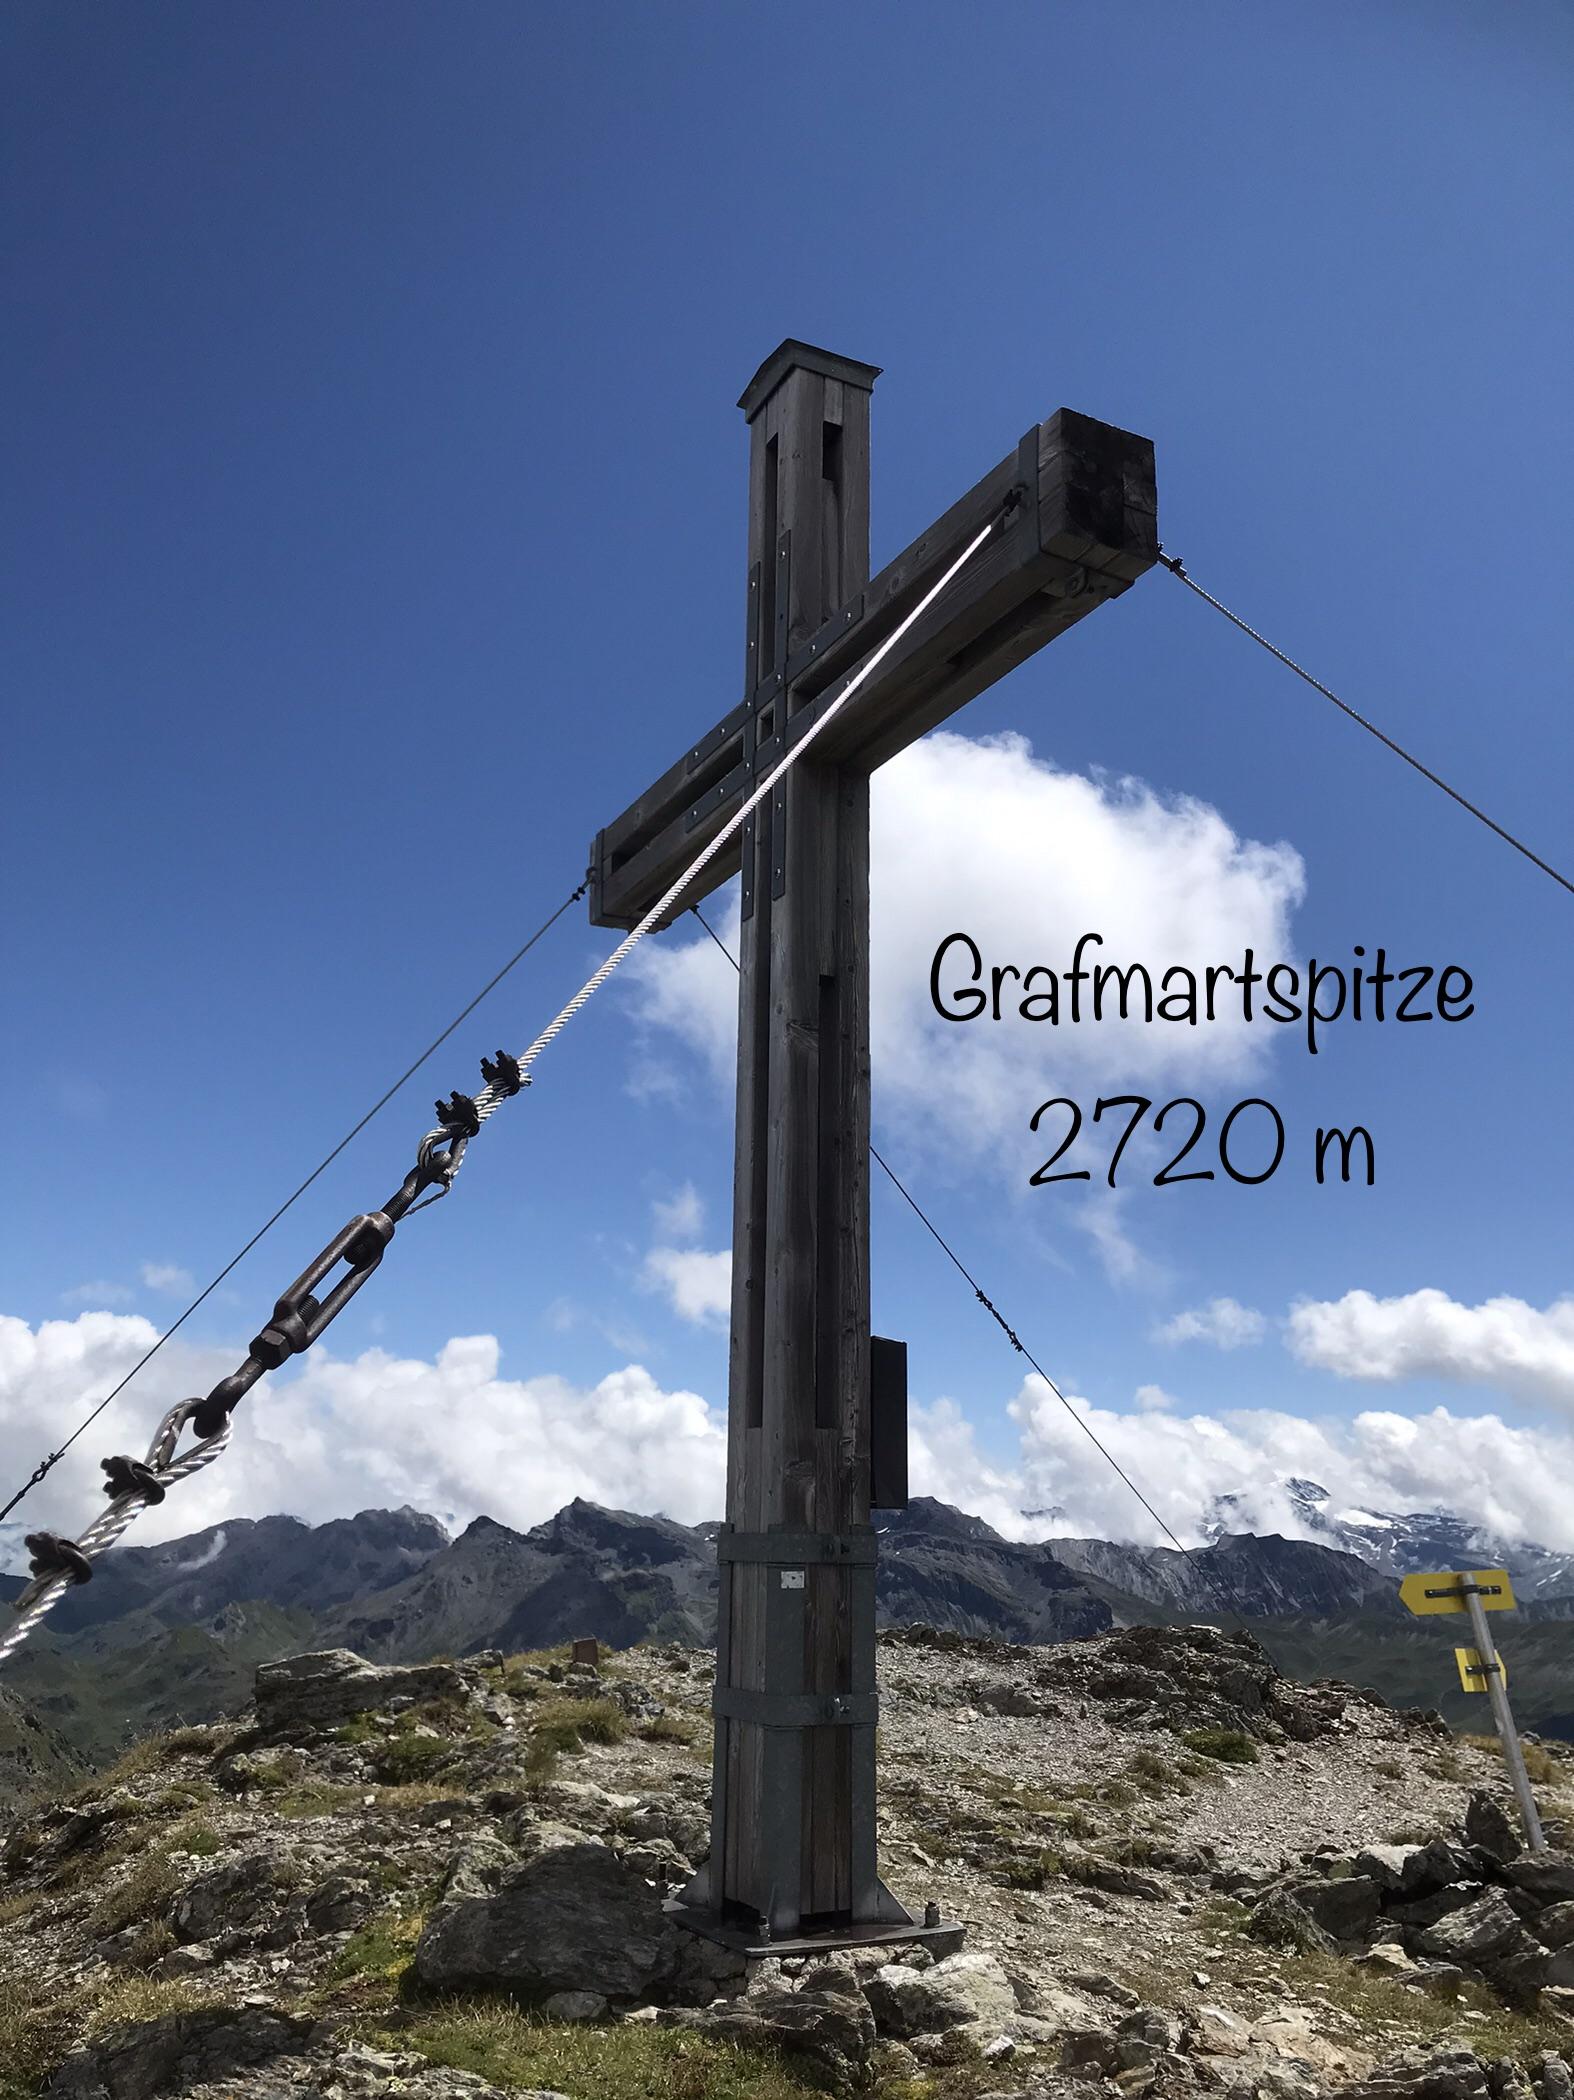 Grafmartspitze 2720m